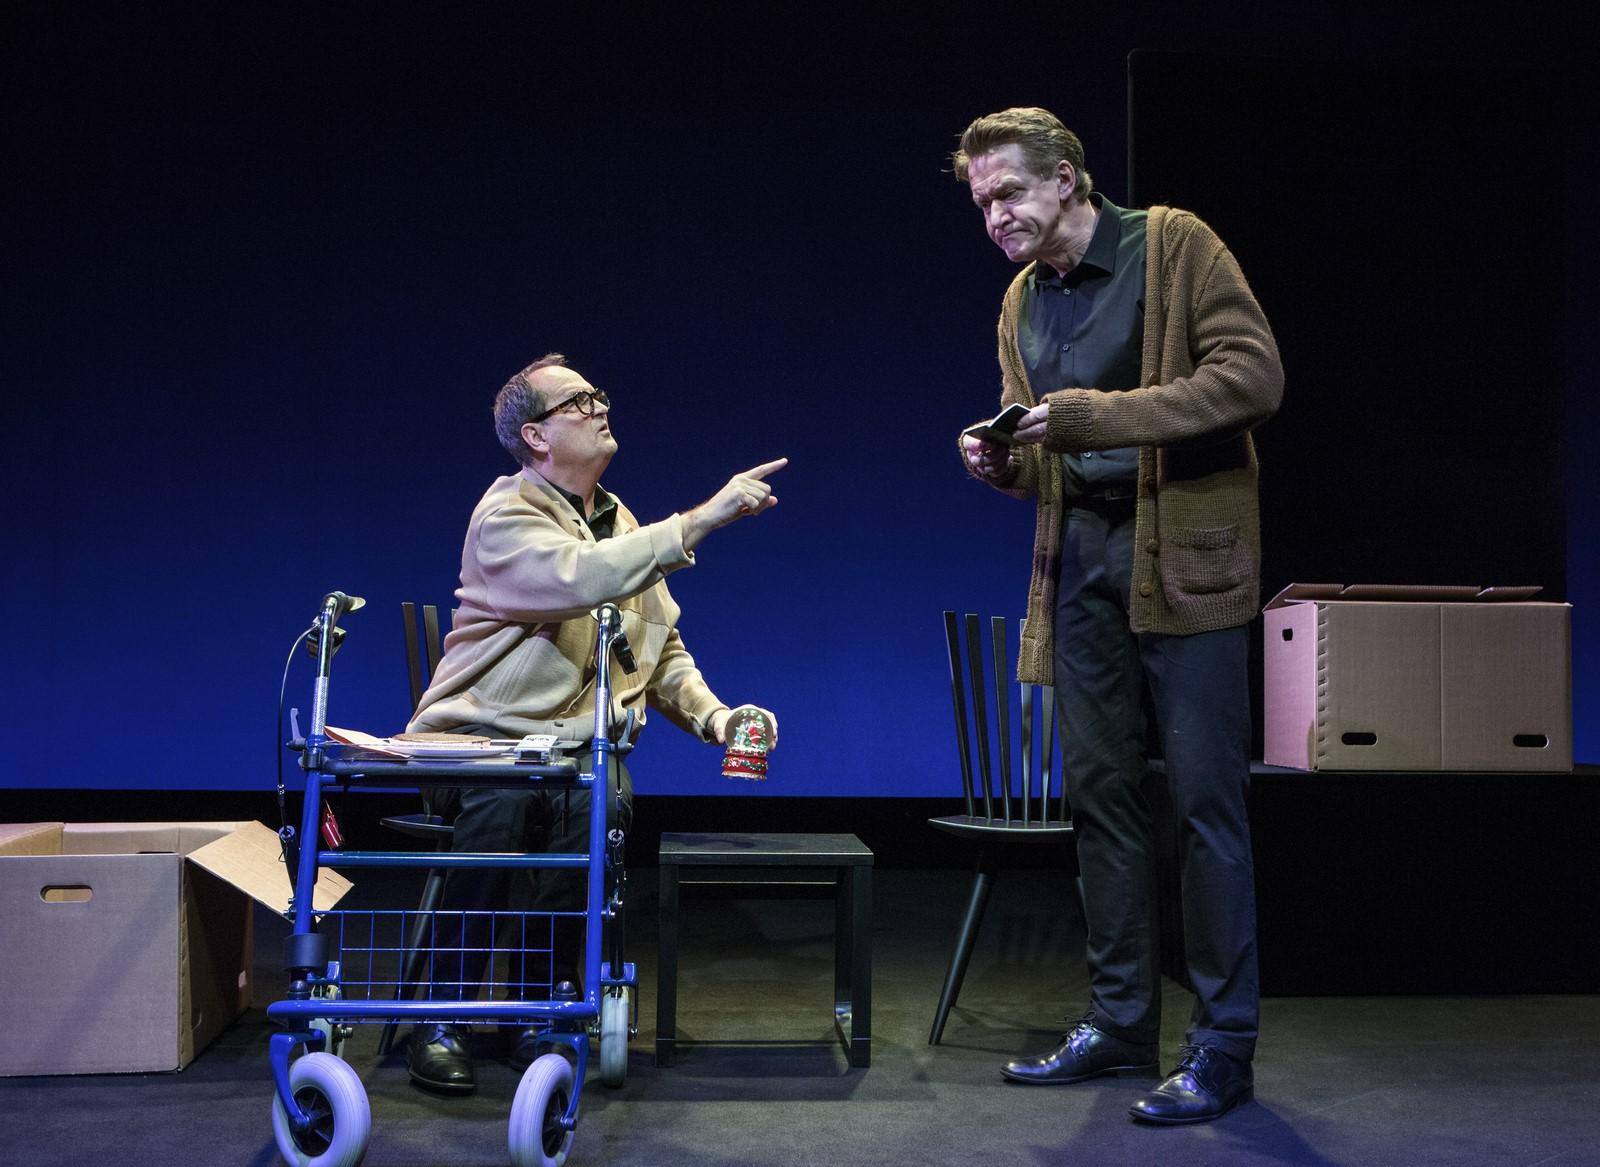 Anmeldelse: Livet – hvor svært ka' det være?, Teatret Svalegangen (Folketeatret og Aarhus Teater)